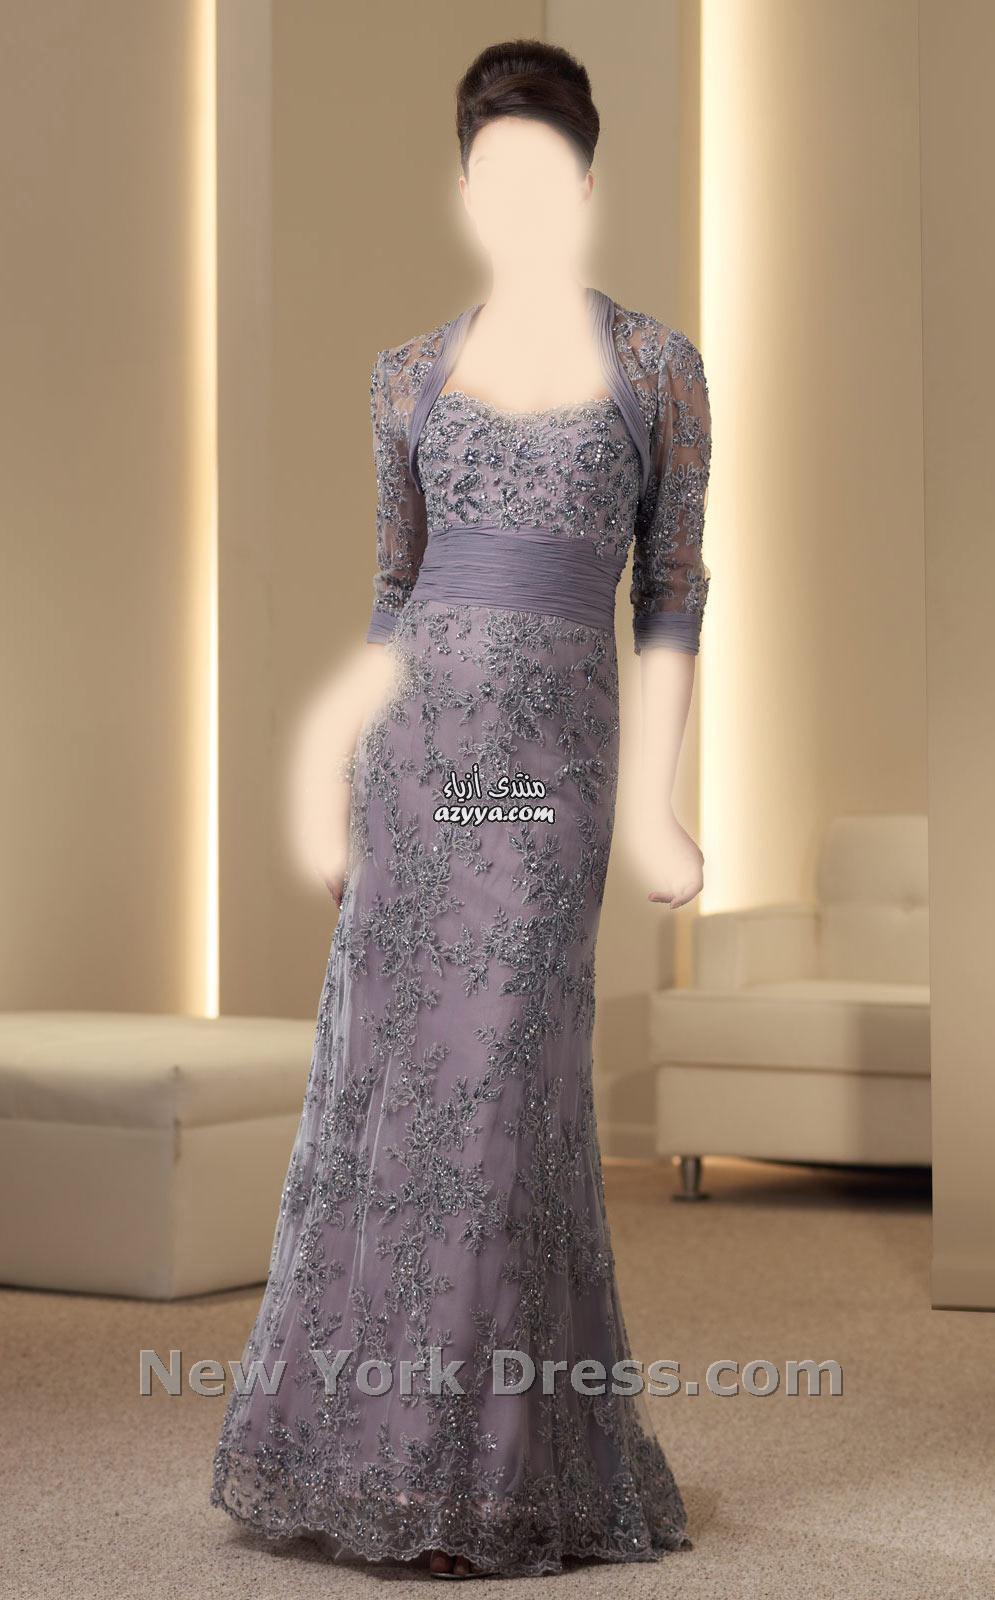 لصيف 2014فساتين سهرة انيقة باللون الاسود ,جديد المصمم نيكولا جبرانفساتين